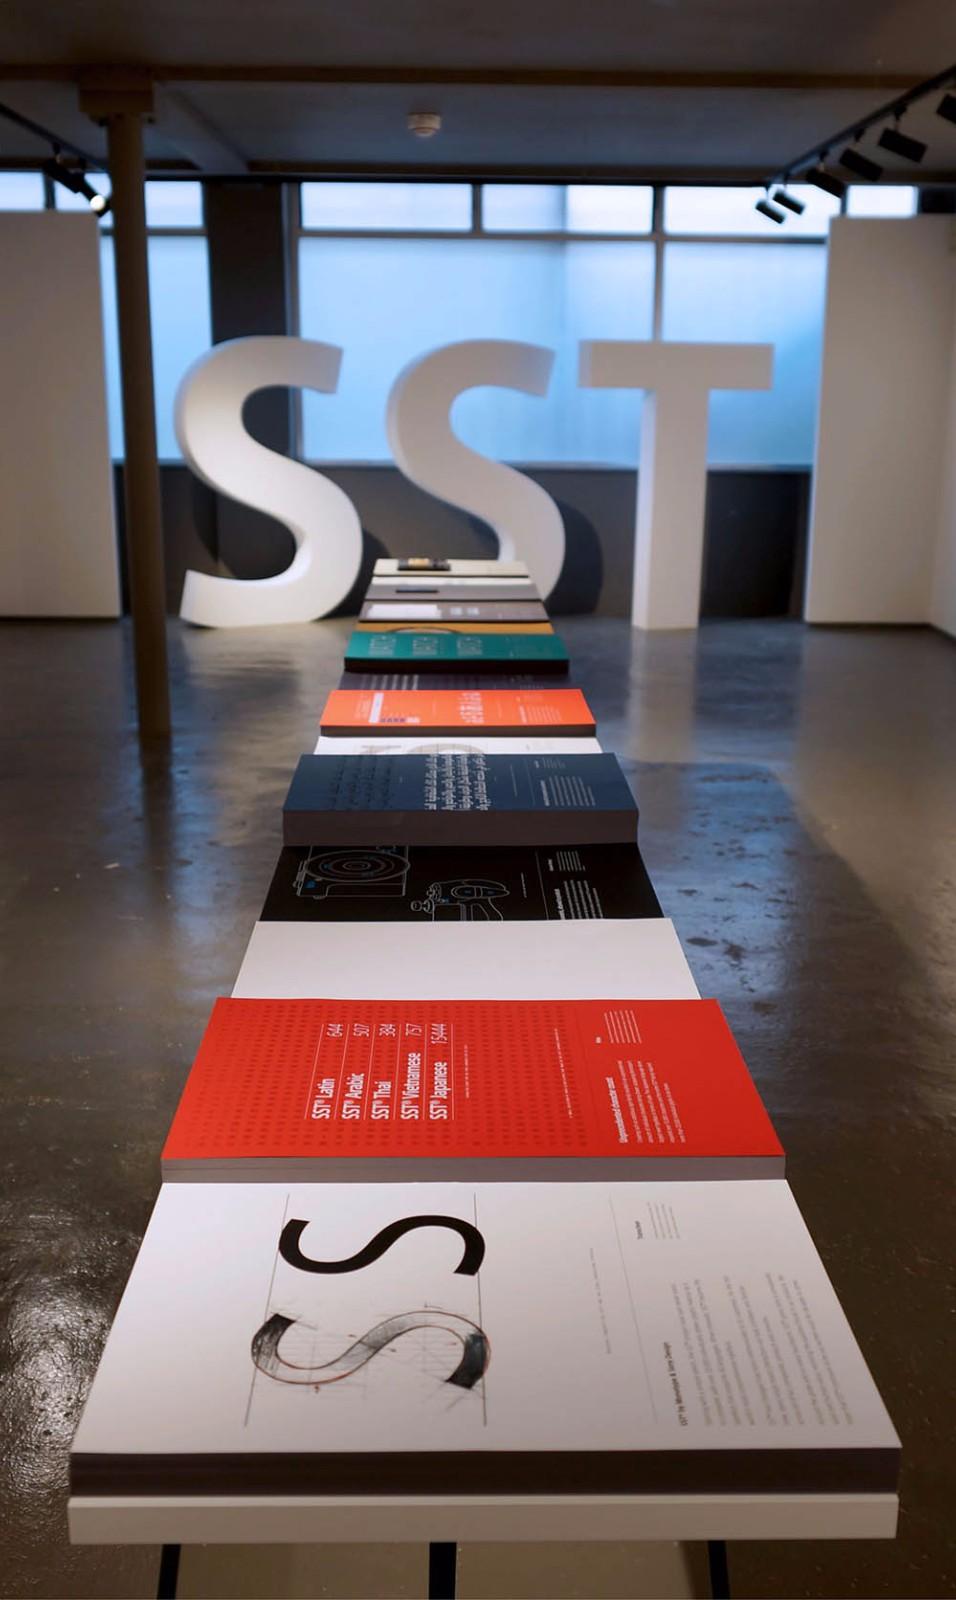 蒙纳和索尼联合设计的品牌字体:SST字体11.jpg